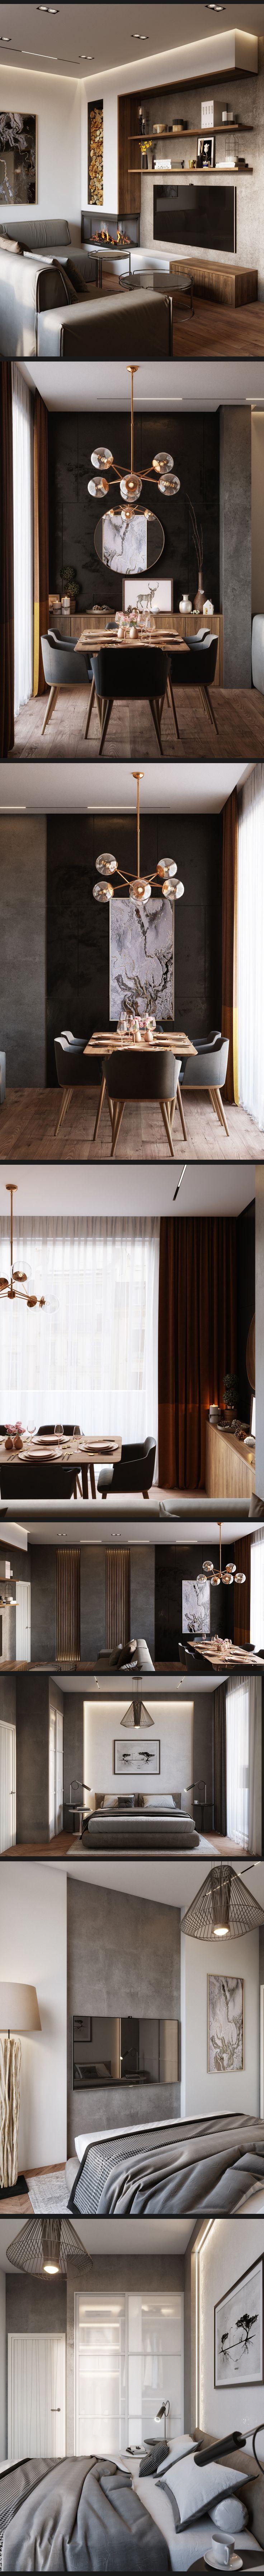 Дизайн гостинной,кухни и спальни . - Галерея 3ddd.ru